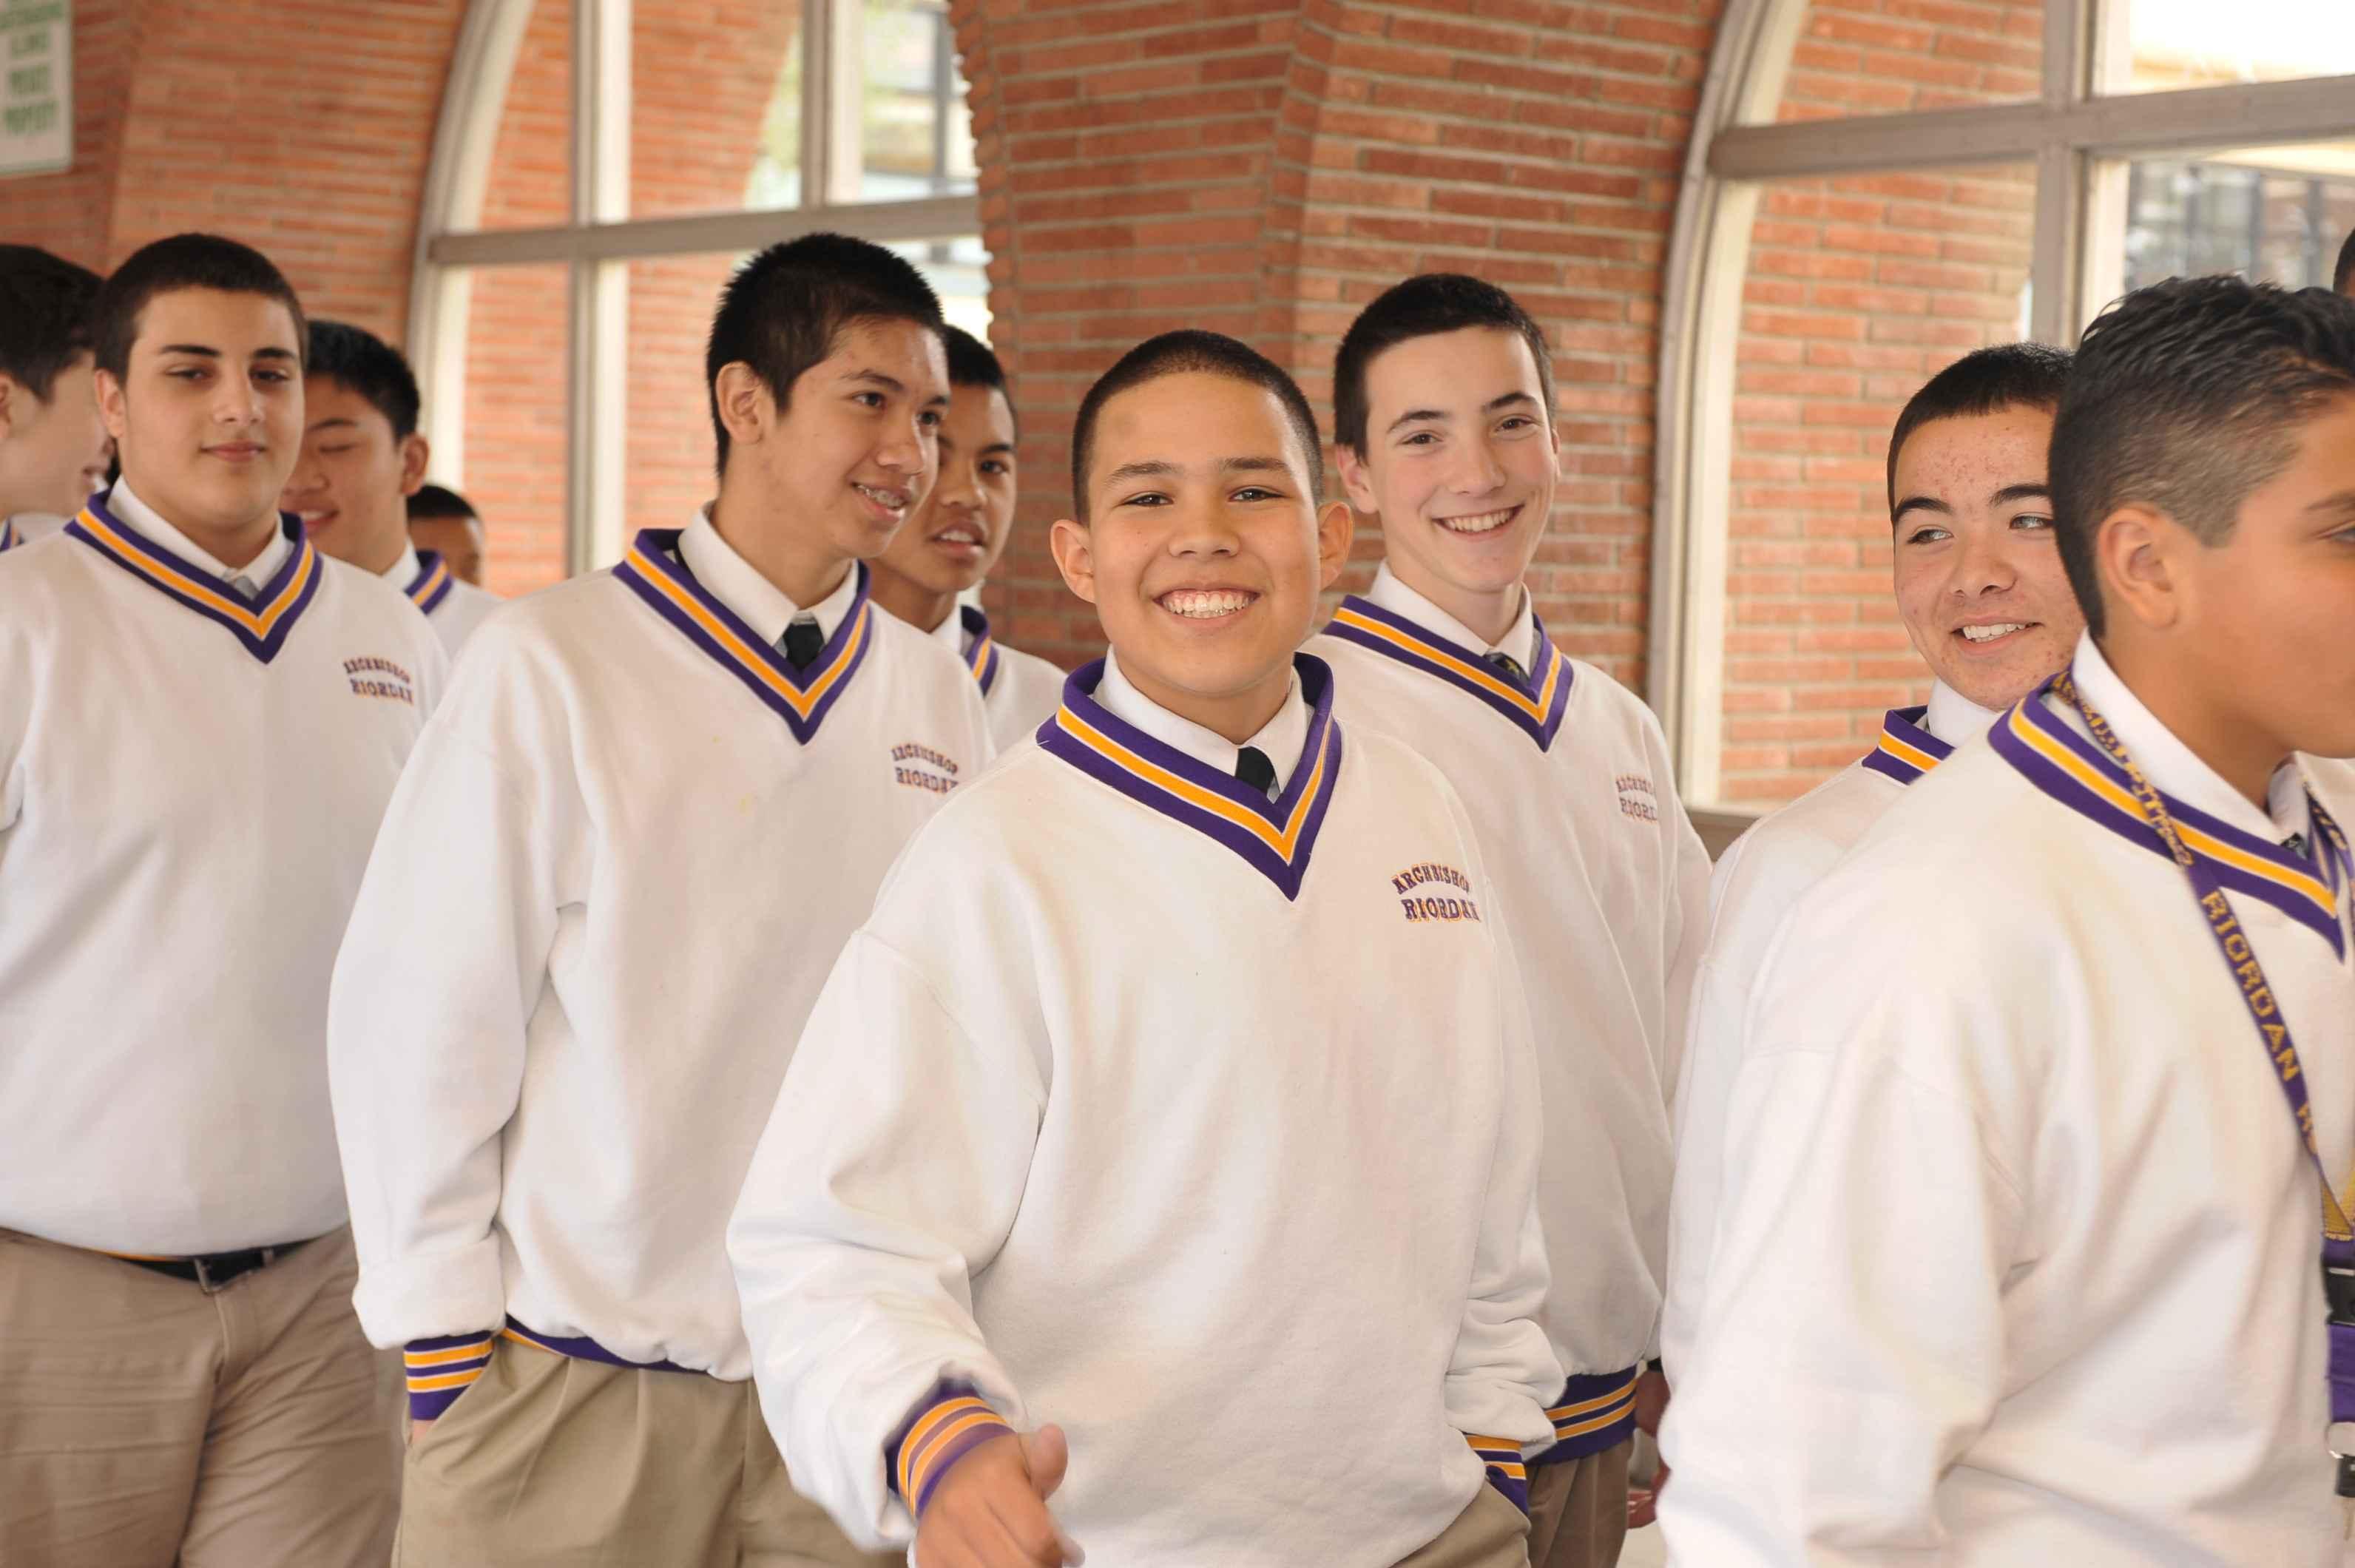 Học Bổng Trường Trung Học Archbishop Riordan High School - California, USA